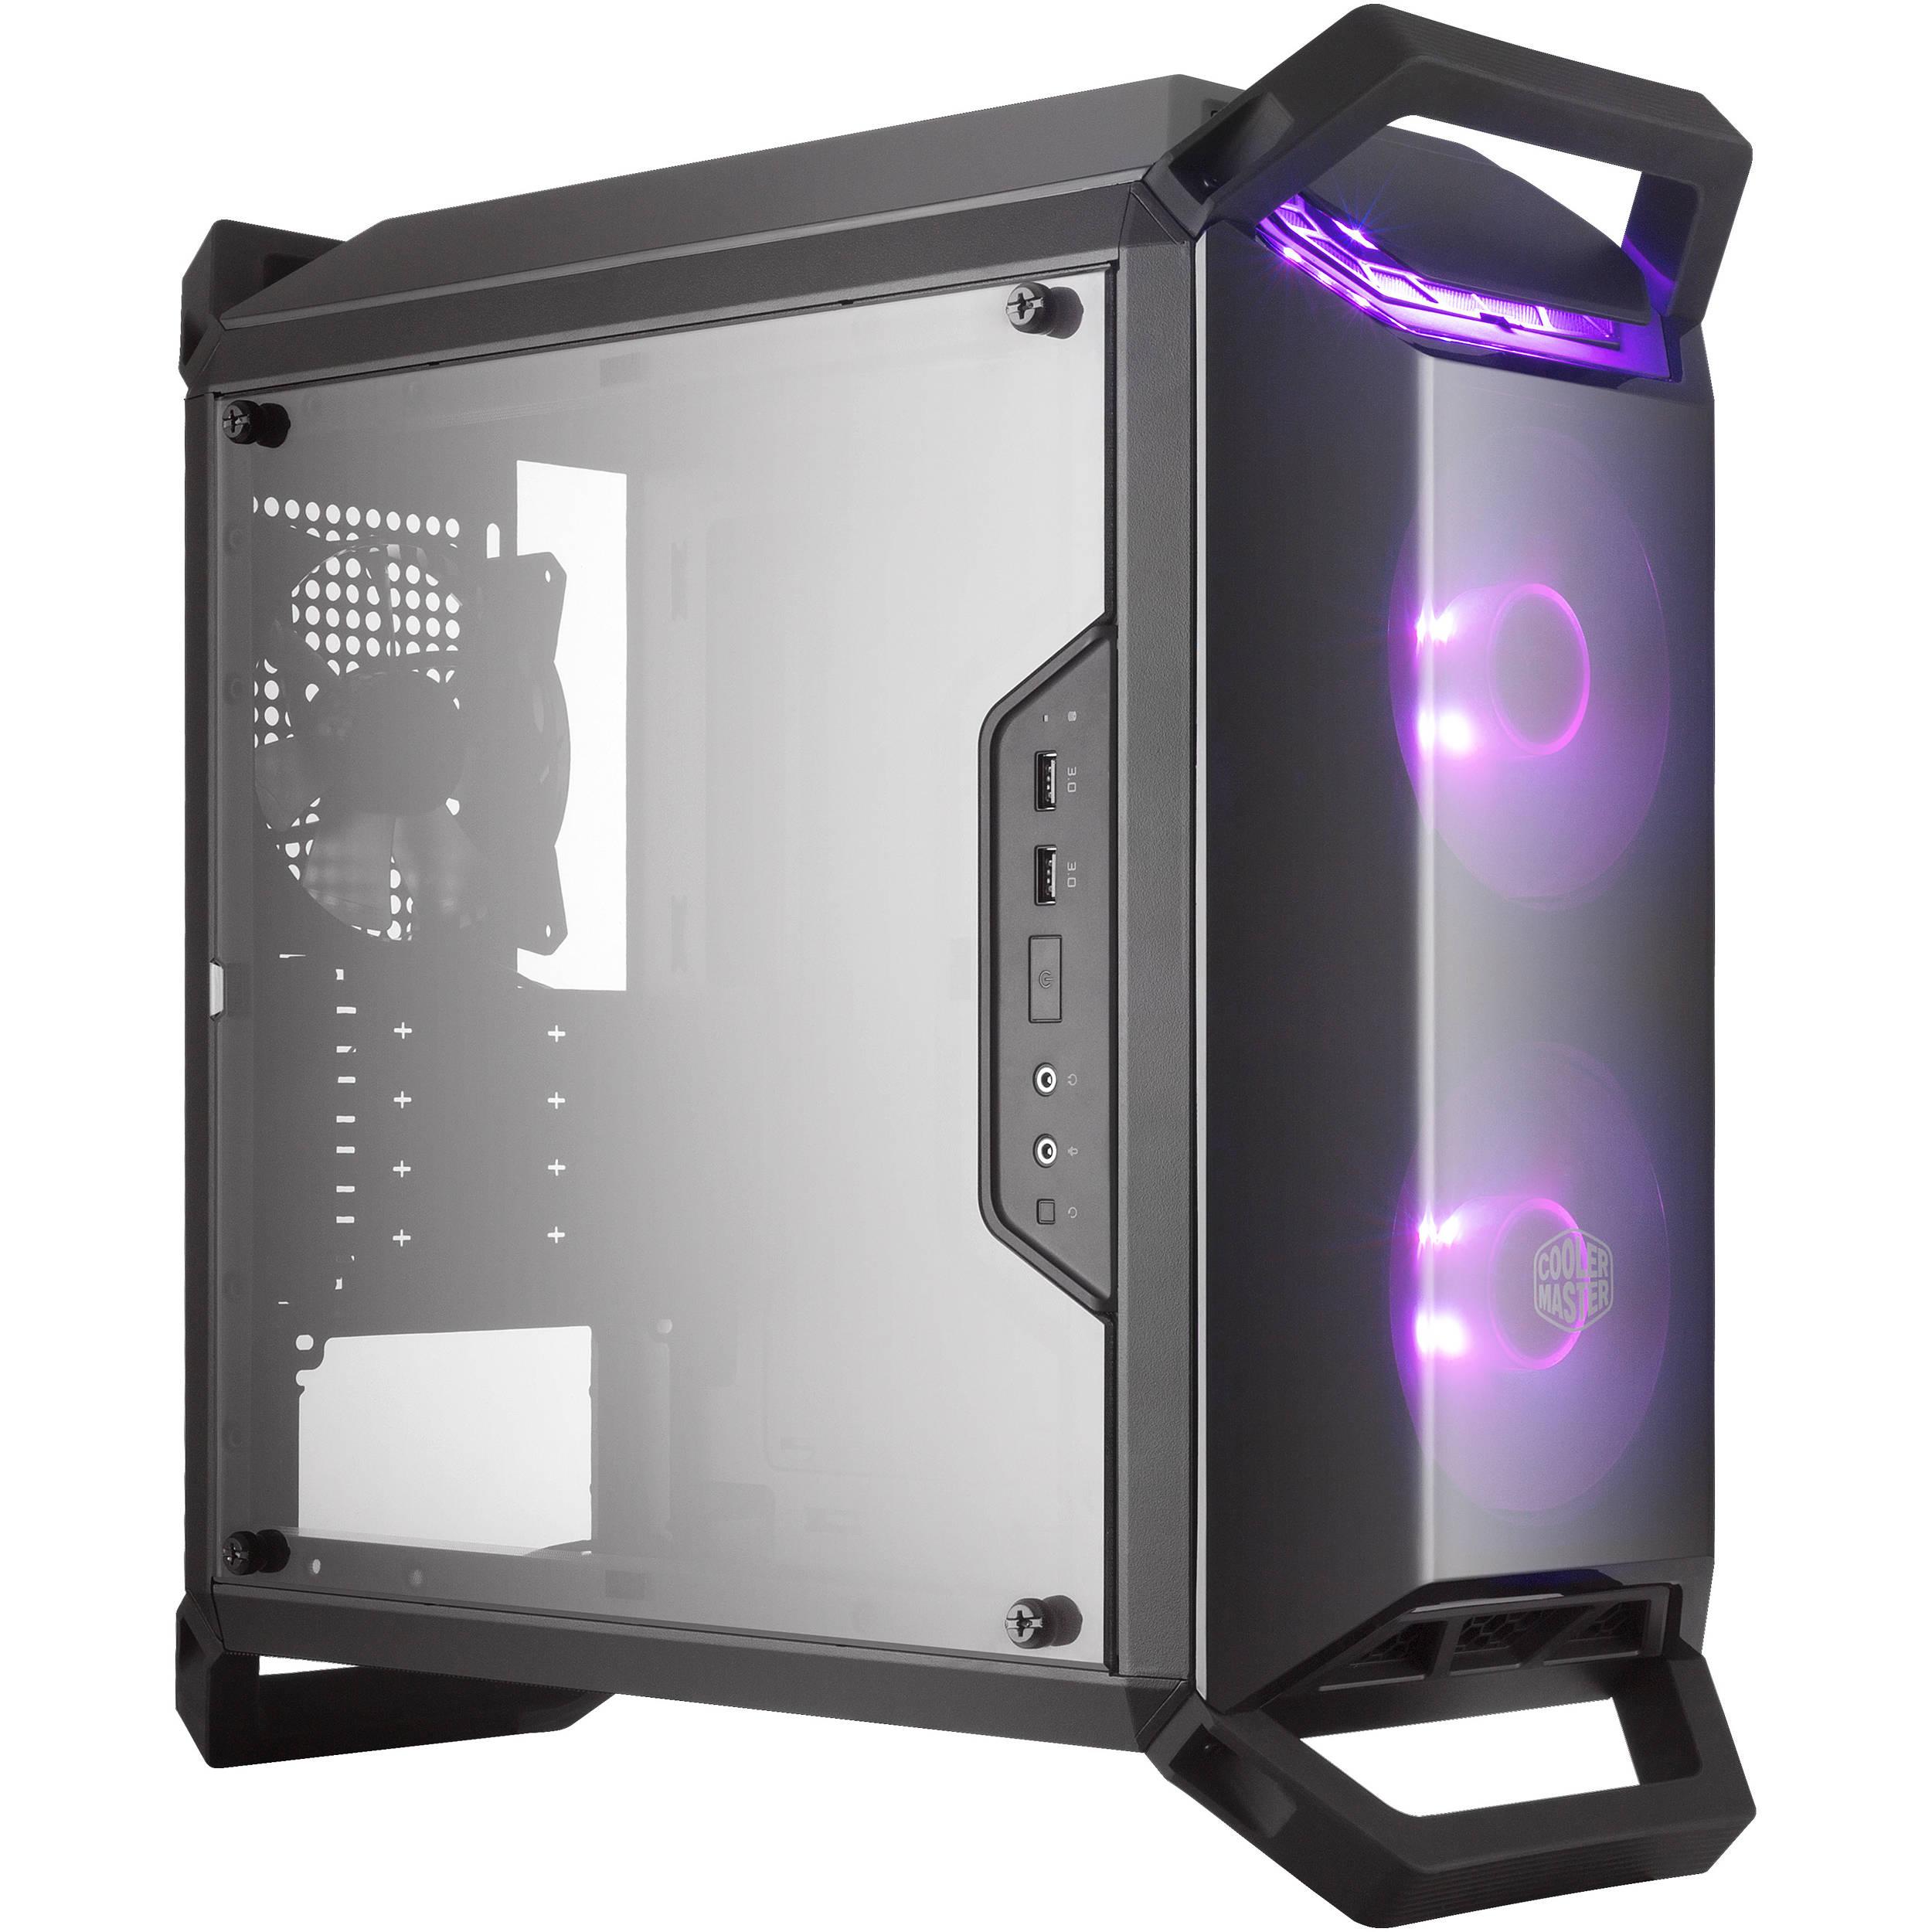 Cooler Master Q300P RGB Micro-ATX computer case